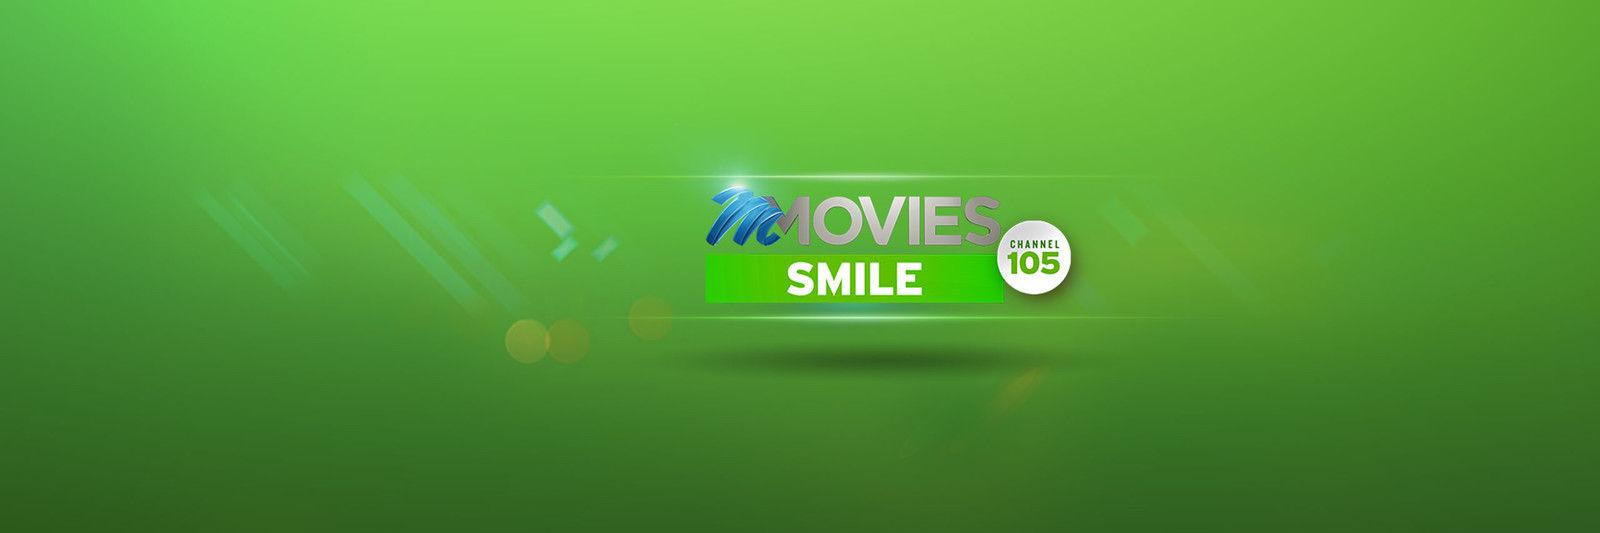 27 m net smile july 2560x 1440 005 pre